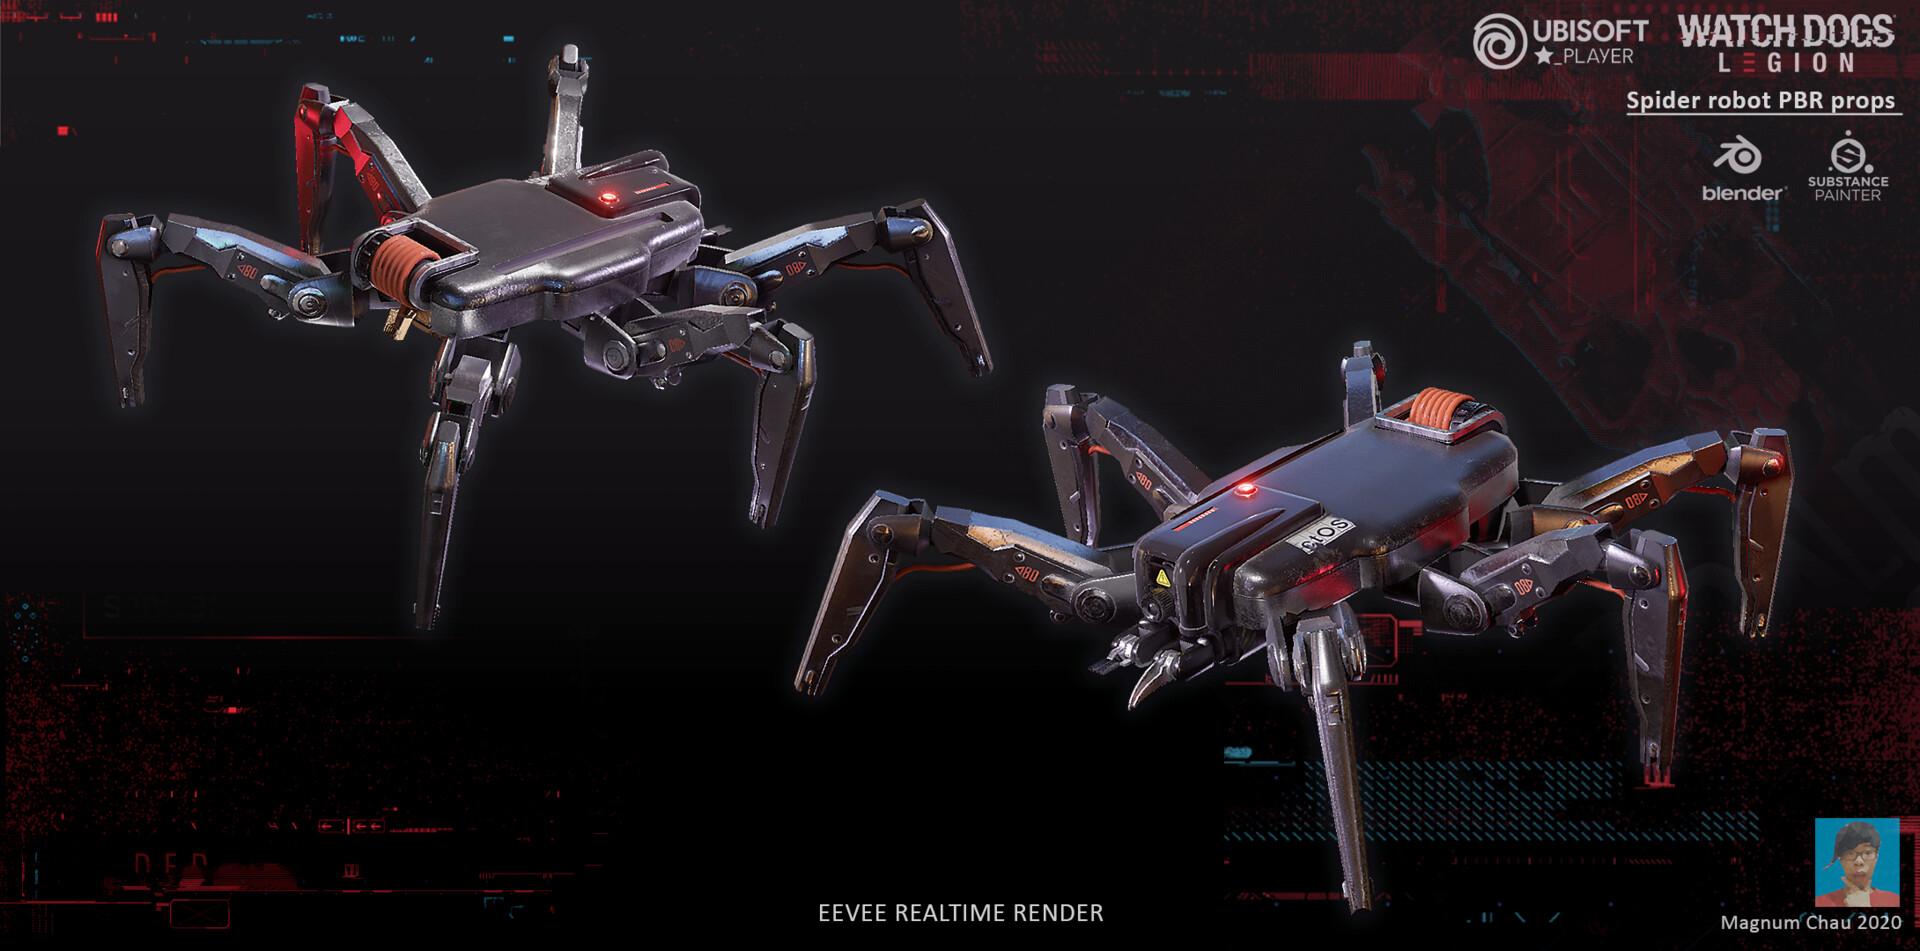 ArtStation - Watchdogs: Legion Spiderbot, Magnum Mak Lam Chau